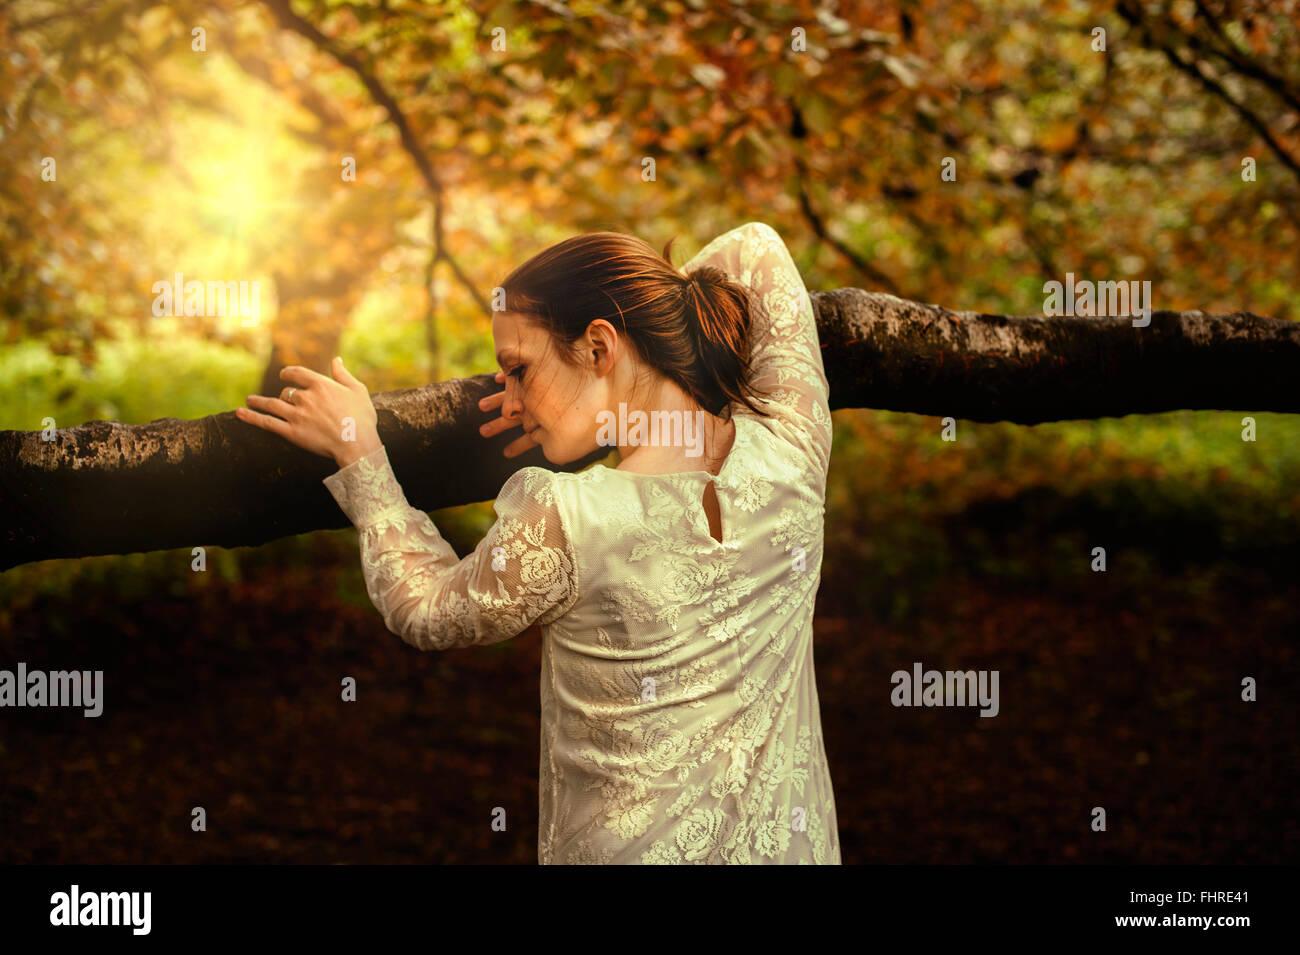 junge Frau im Park stützte sich auf Ast Stockbild